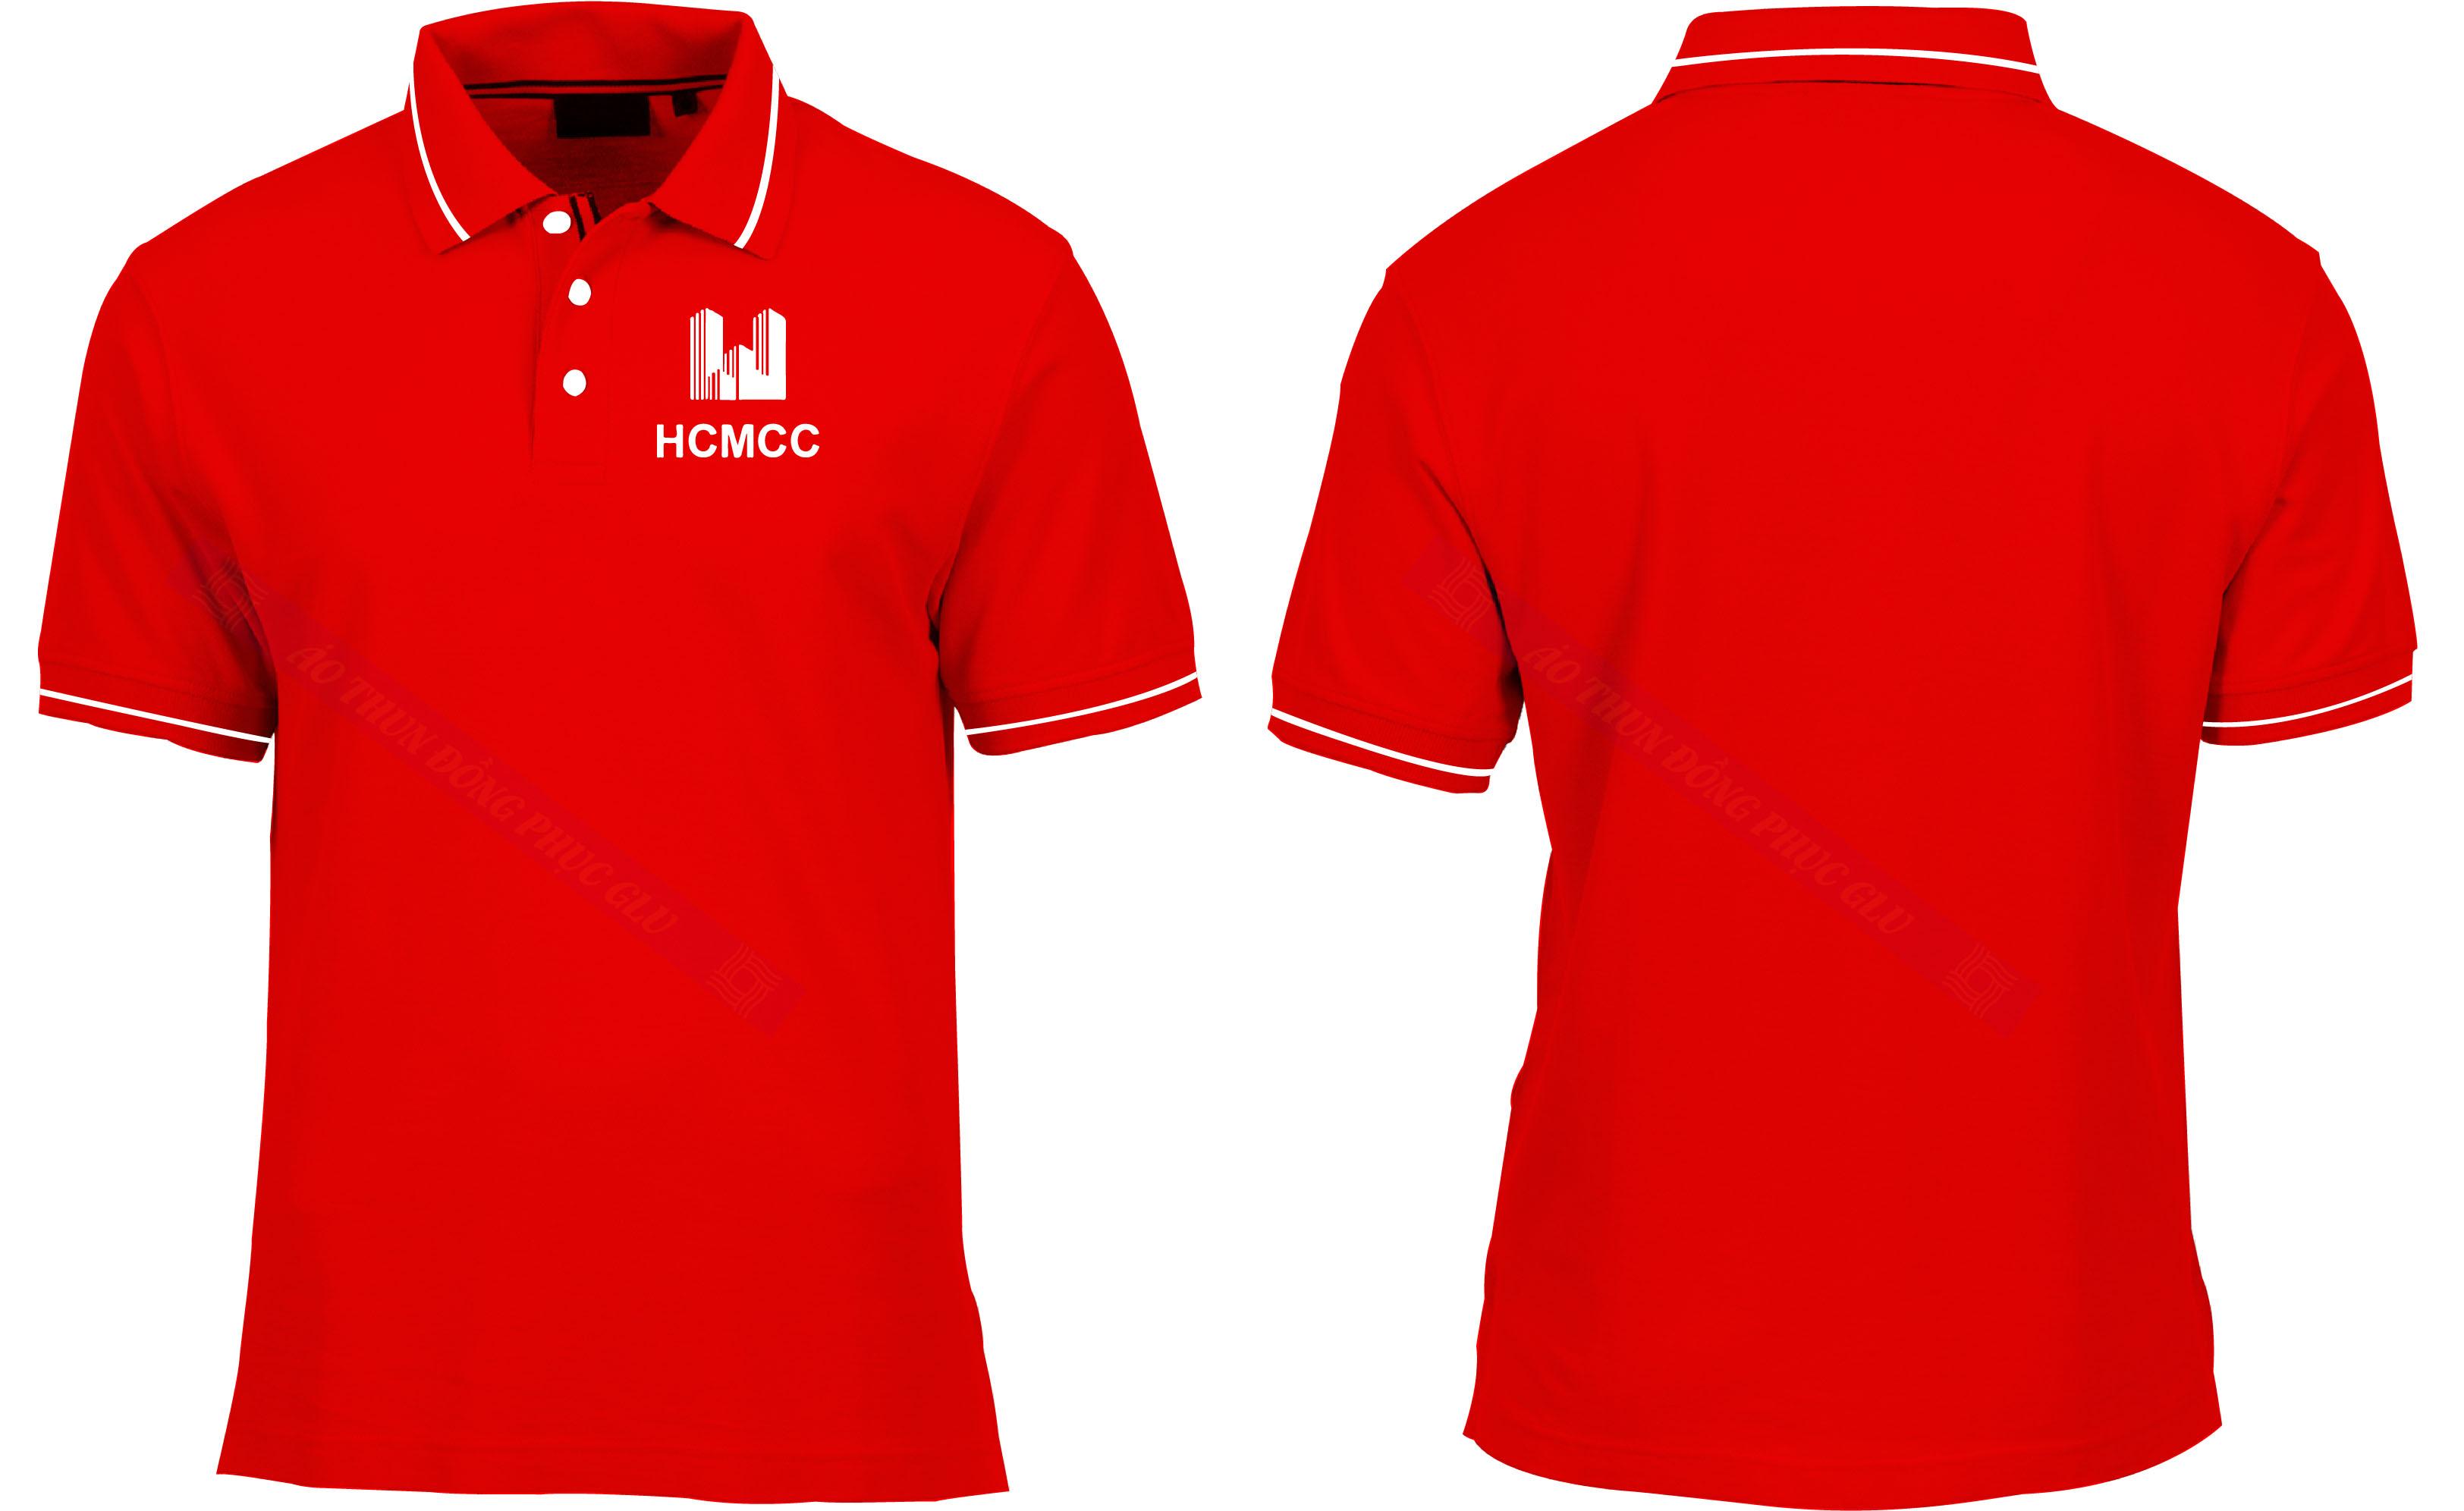 AO THUN HCMCC áo thun đồng phục đẹp